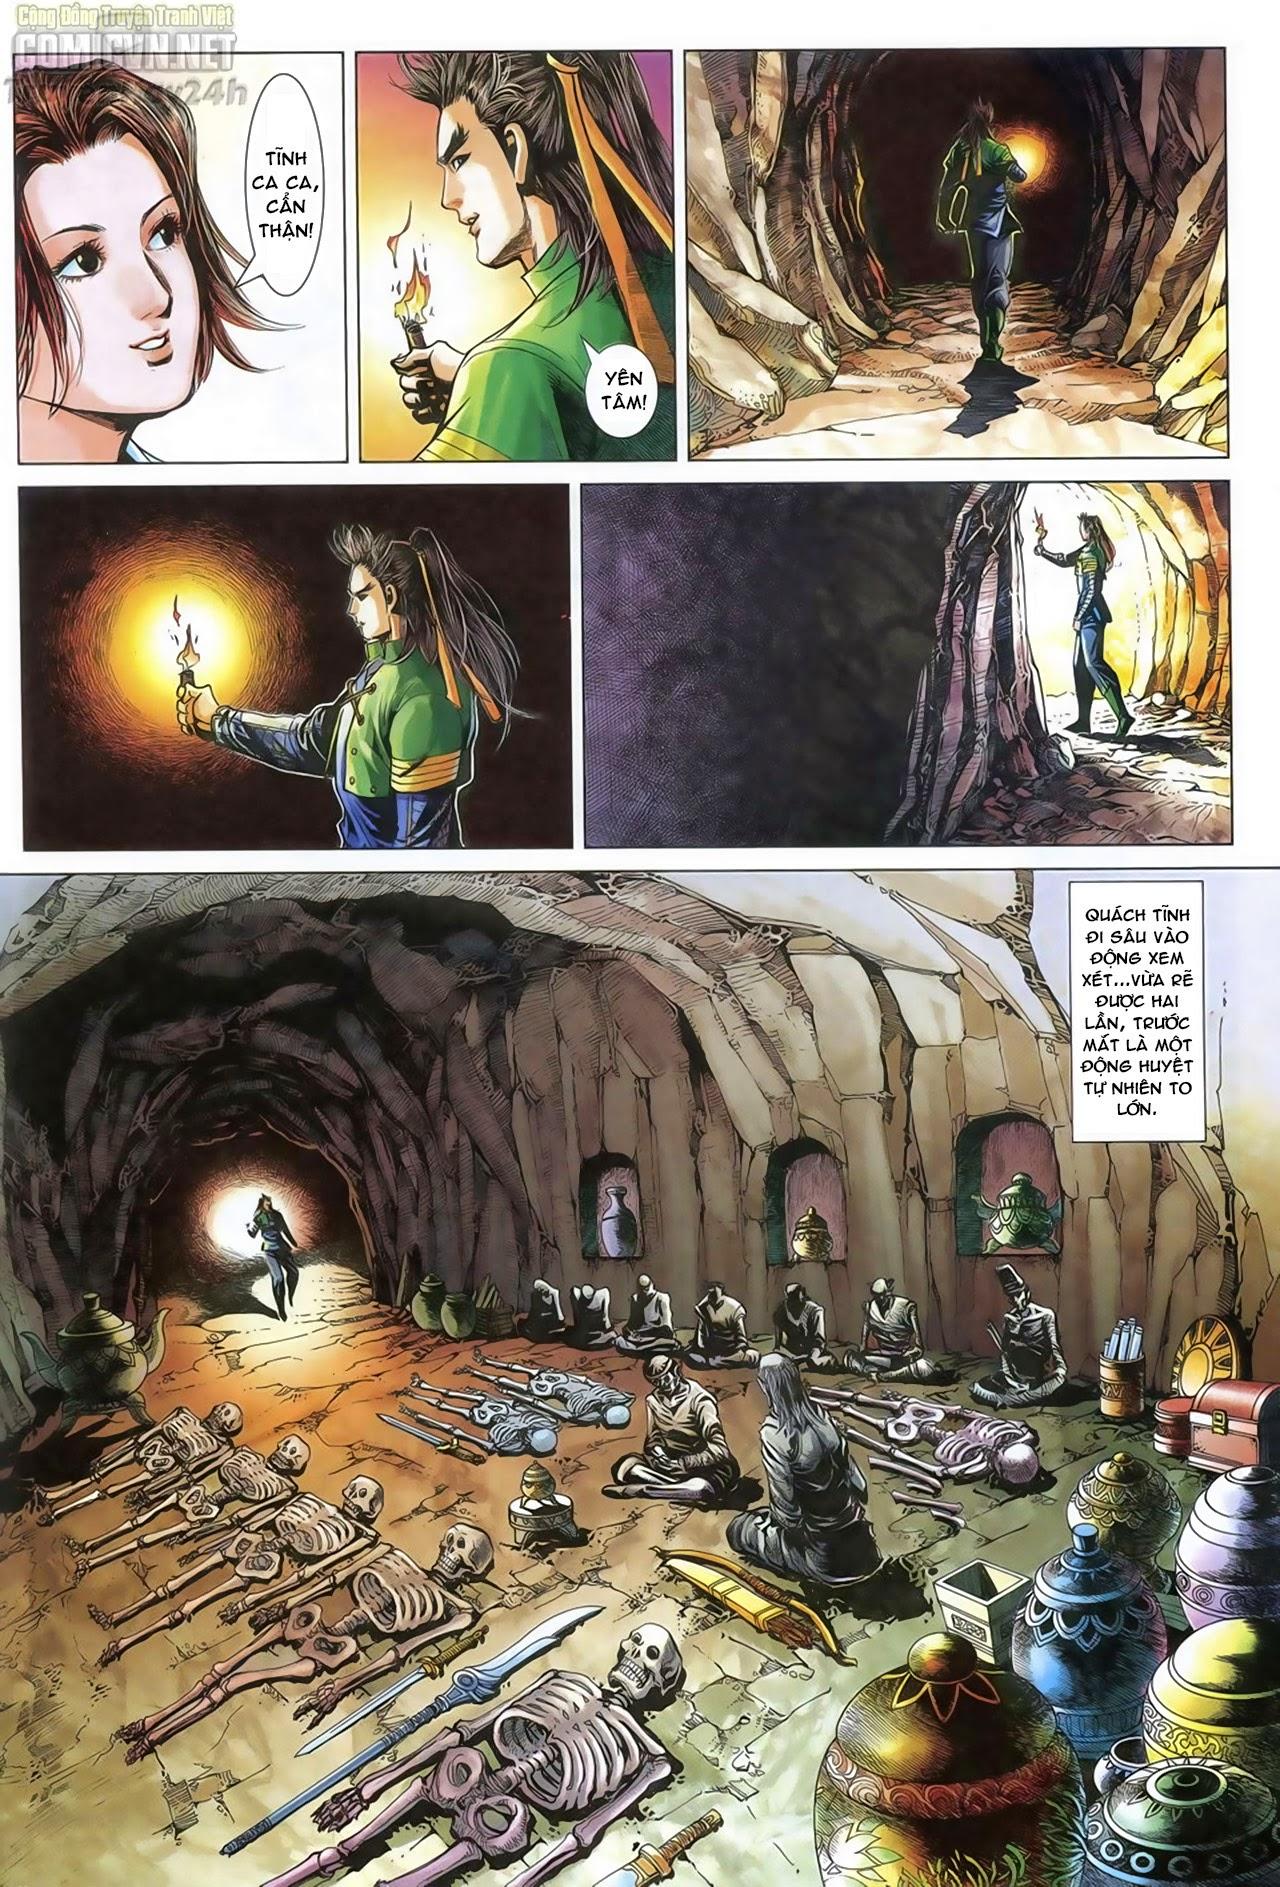 Anh Hùng Xạ Điêu anh hùng xạ đêu chap 69: hồn đoạn thiết chưởng phong trang 22